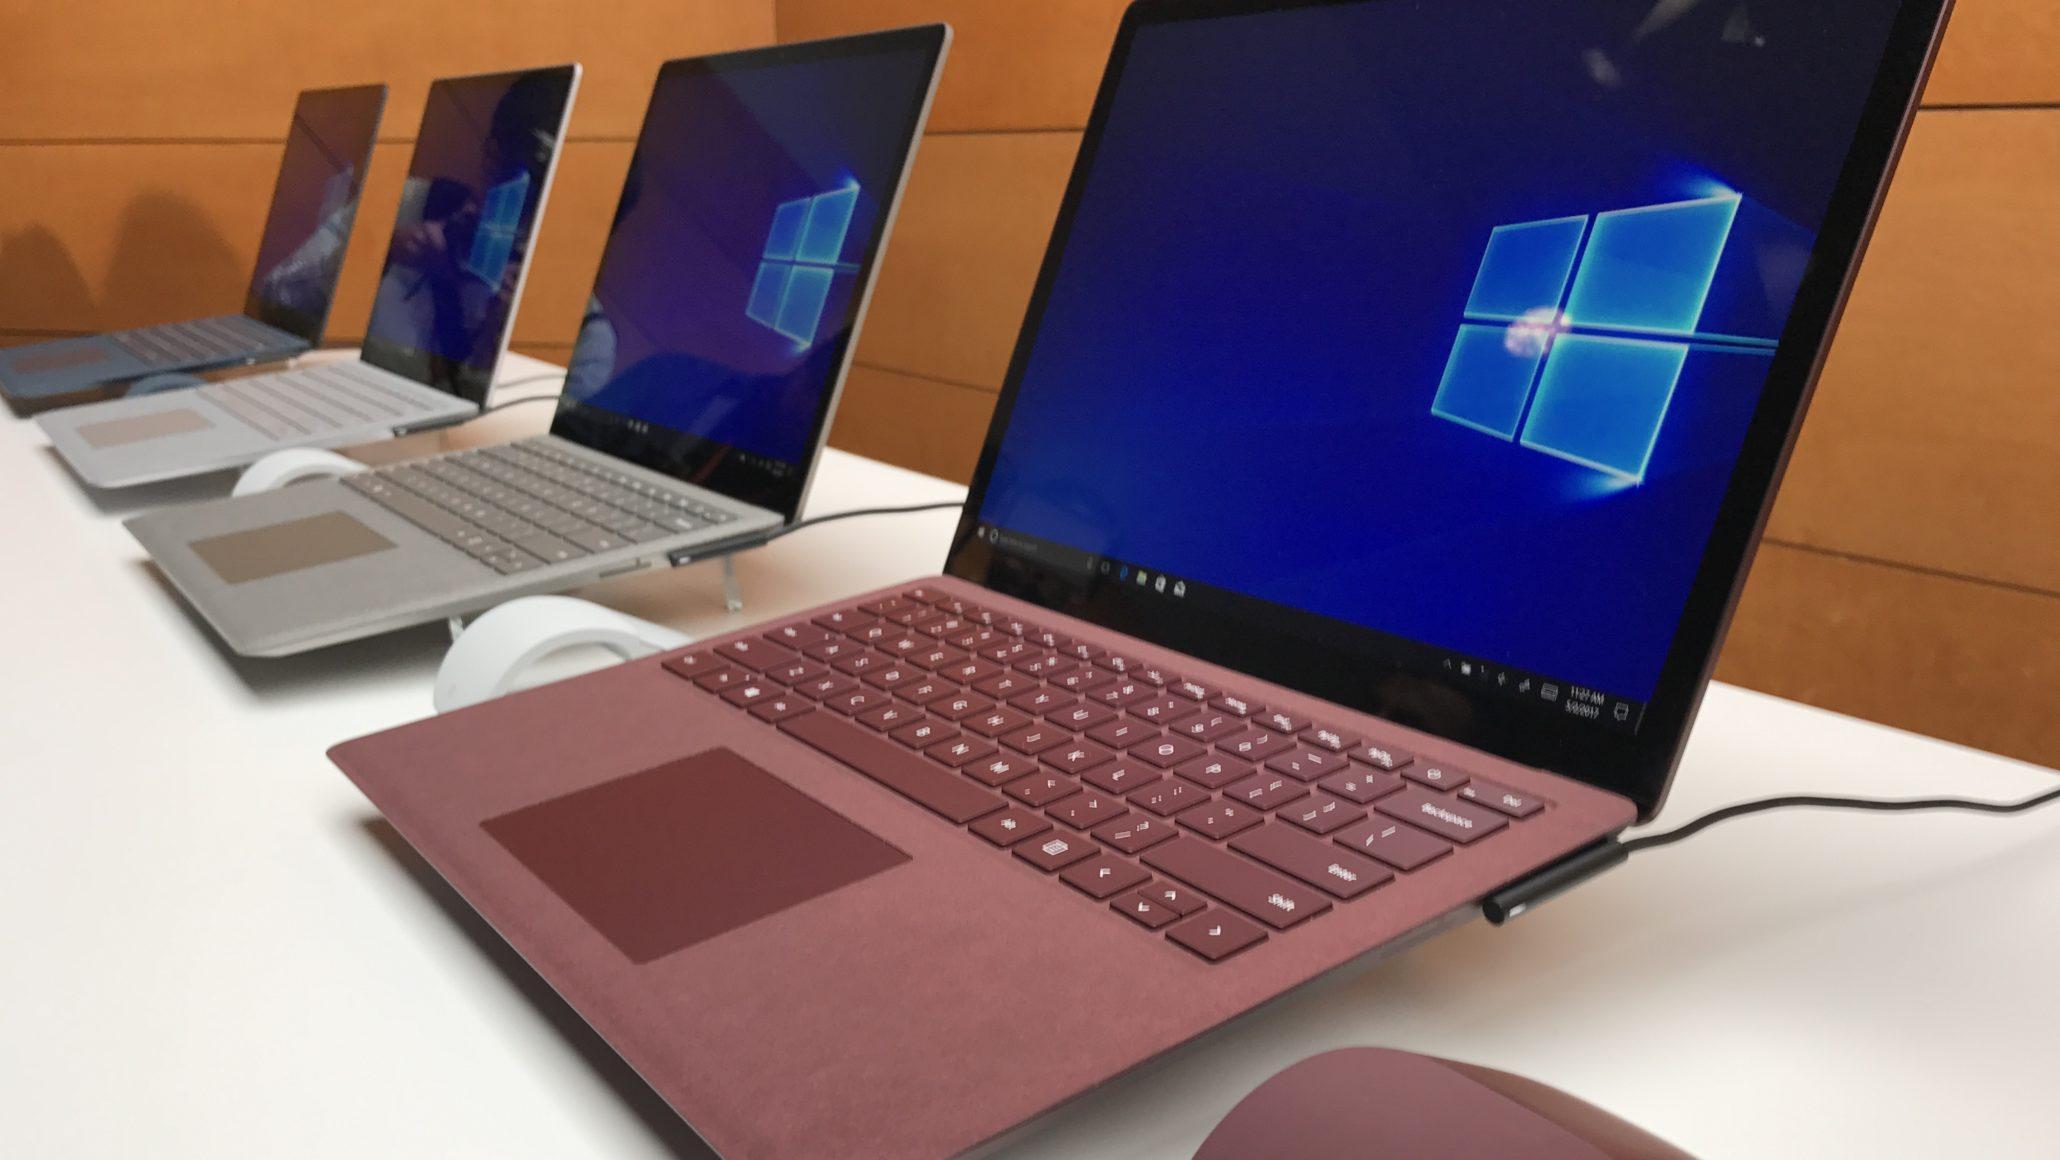 5 cách để máy tính luôn hoạt động tốt